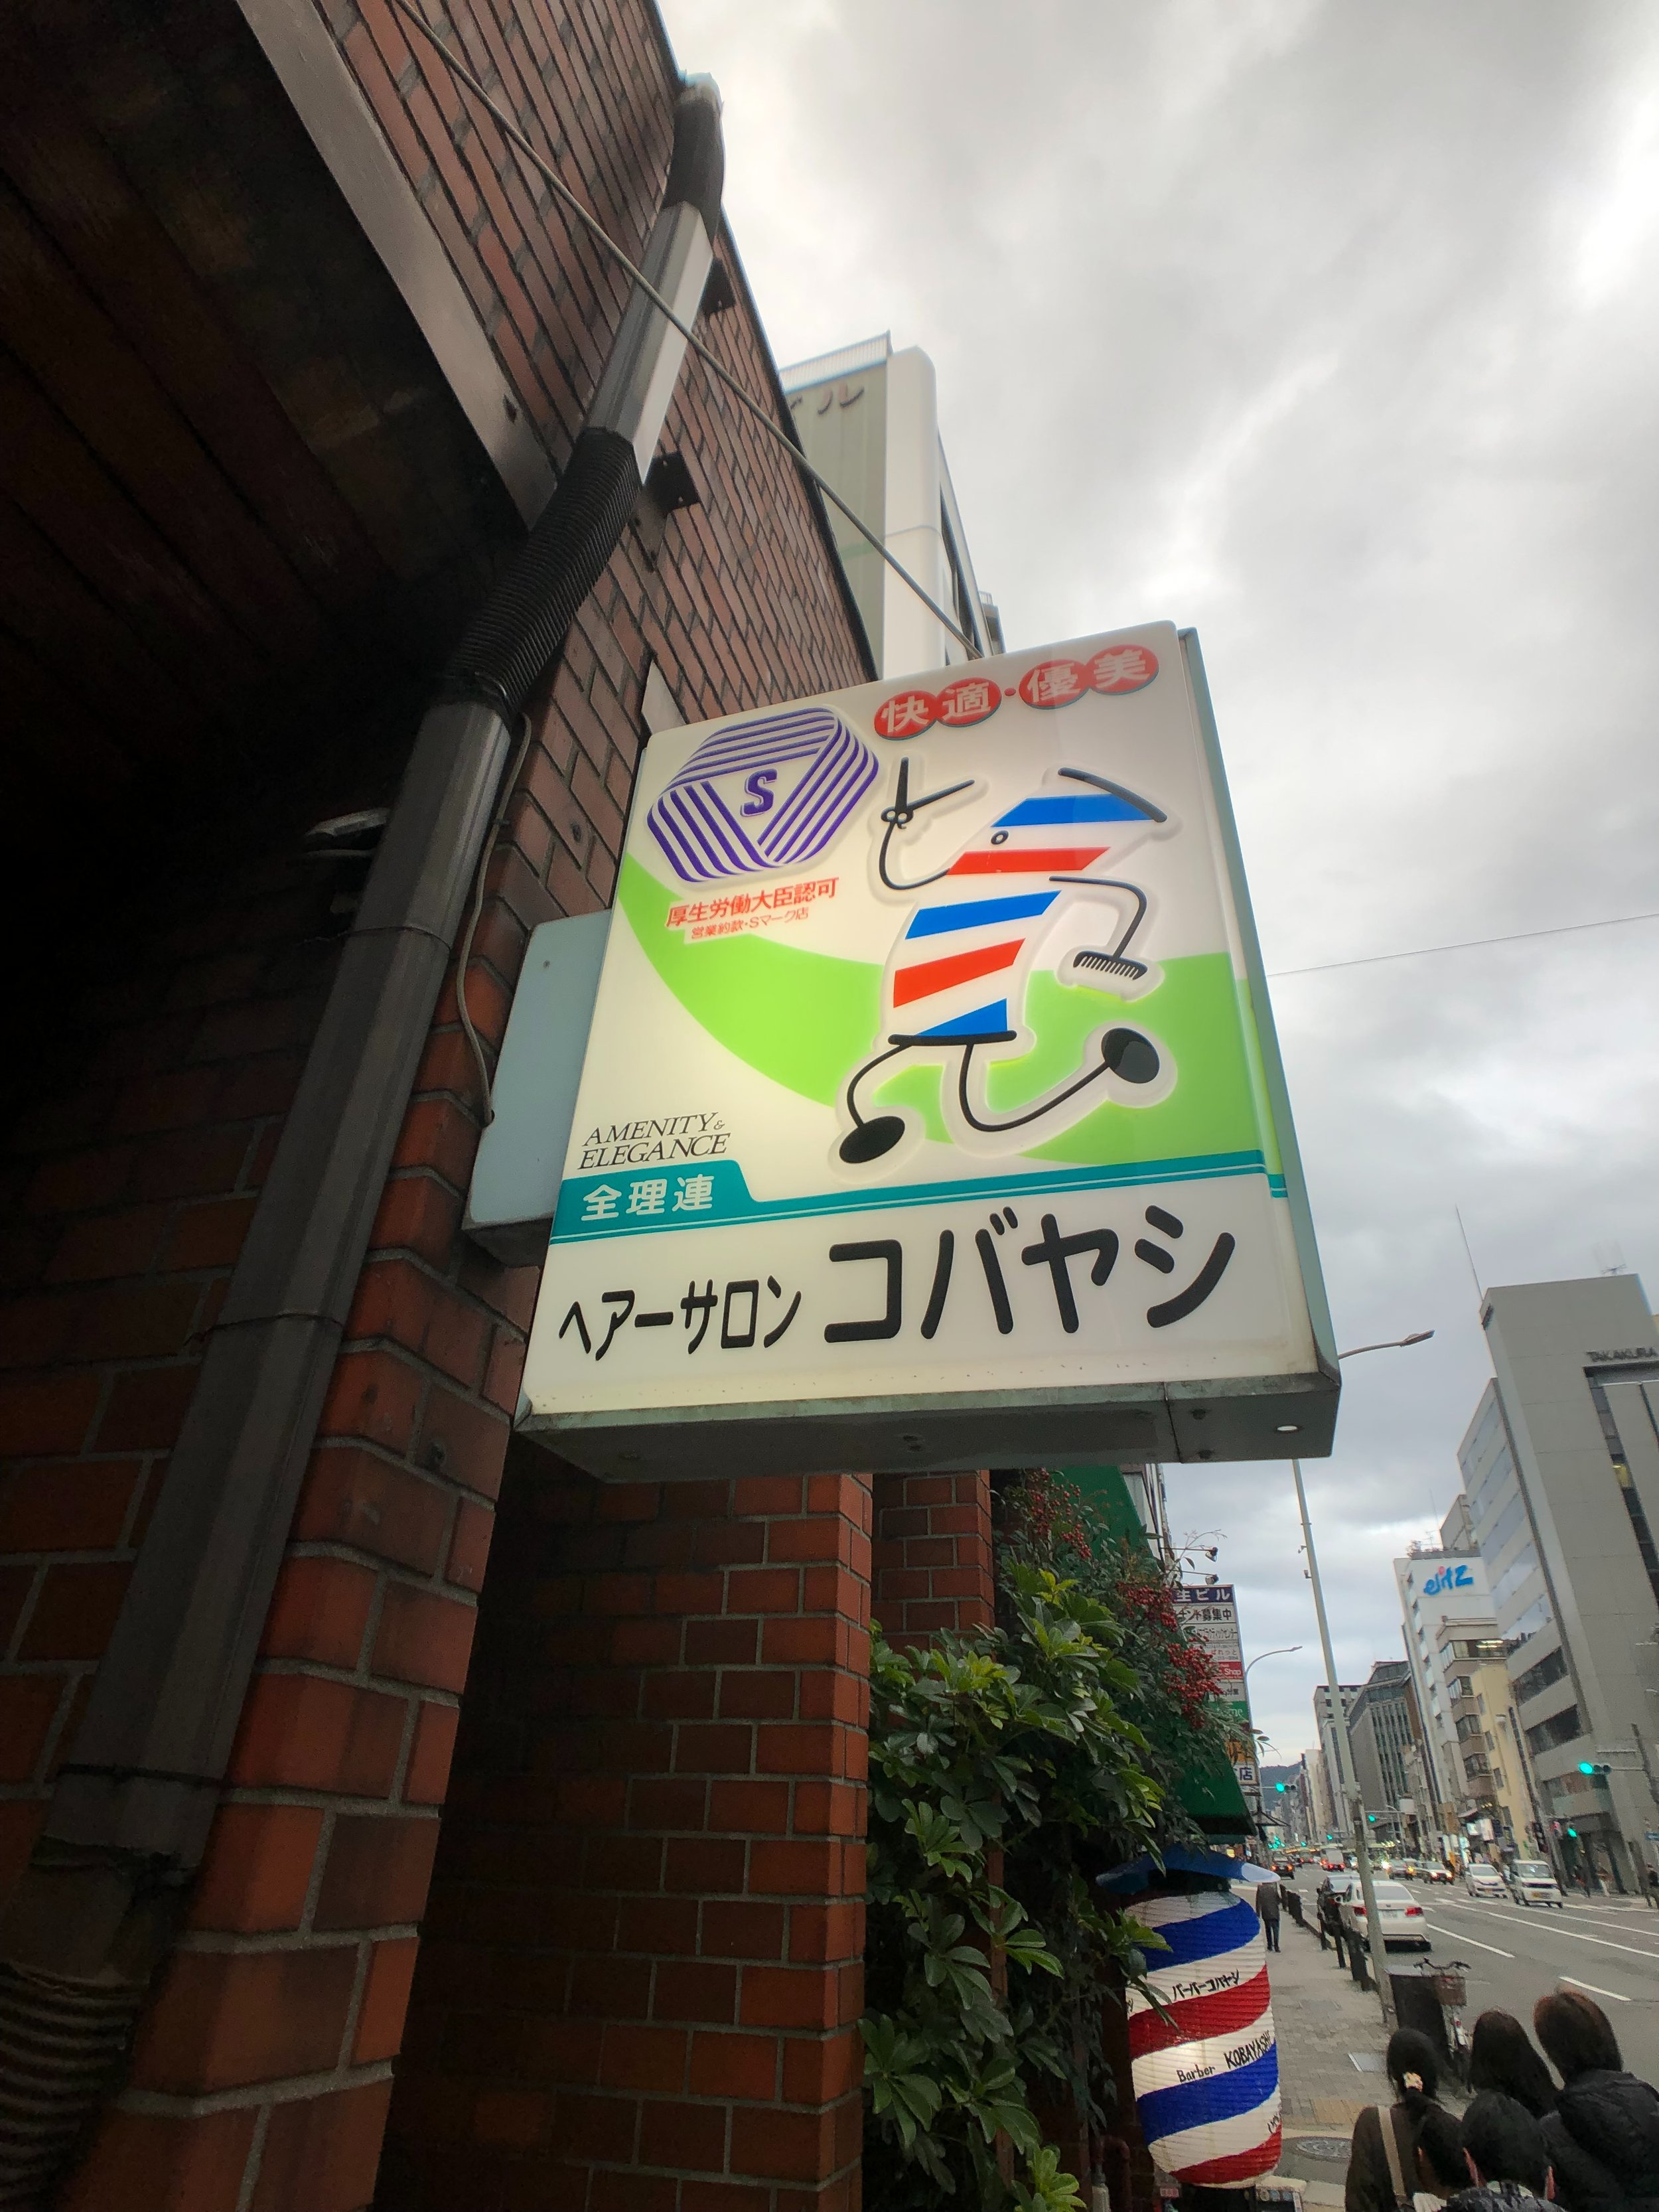 Barbershop, Kyoto.